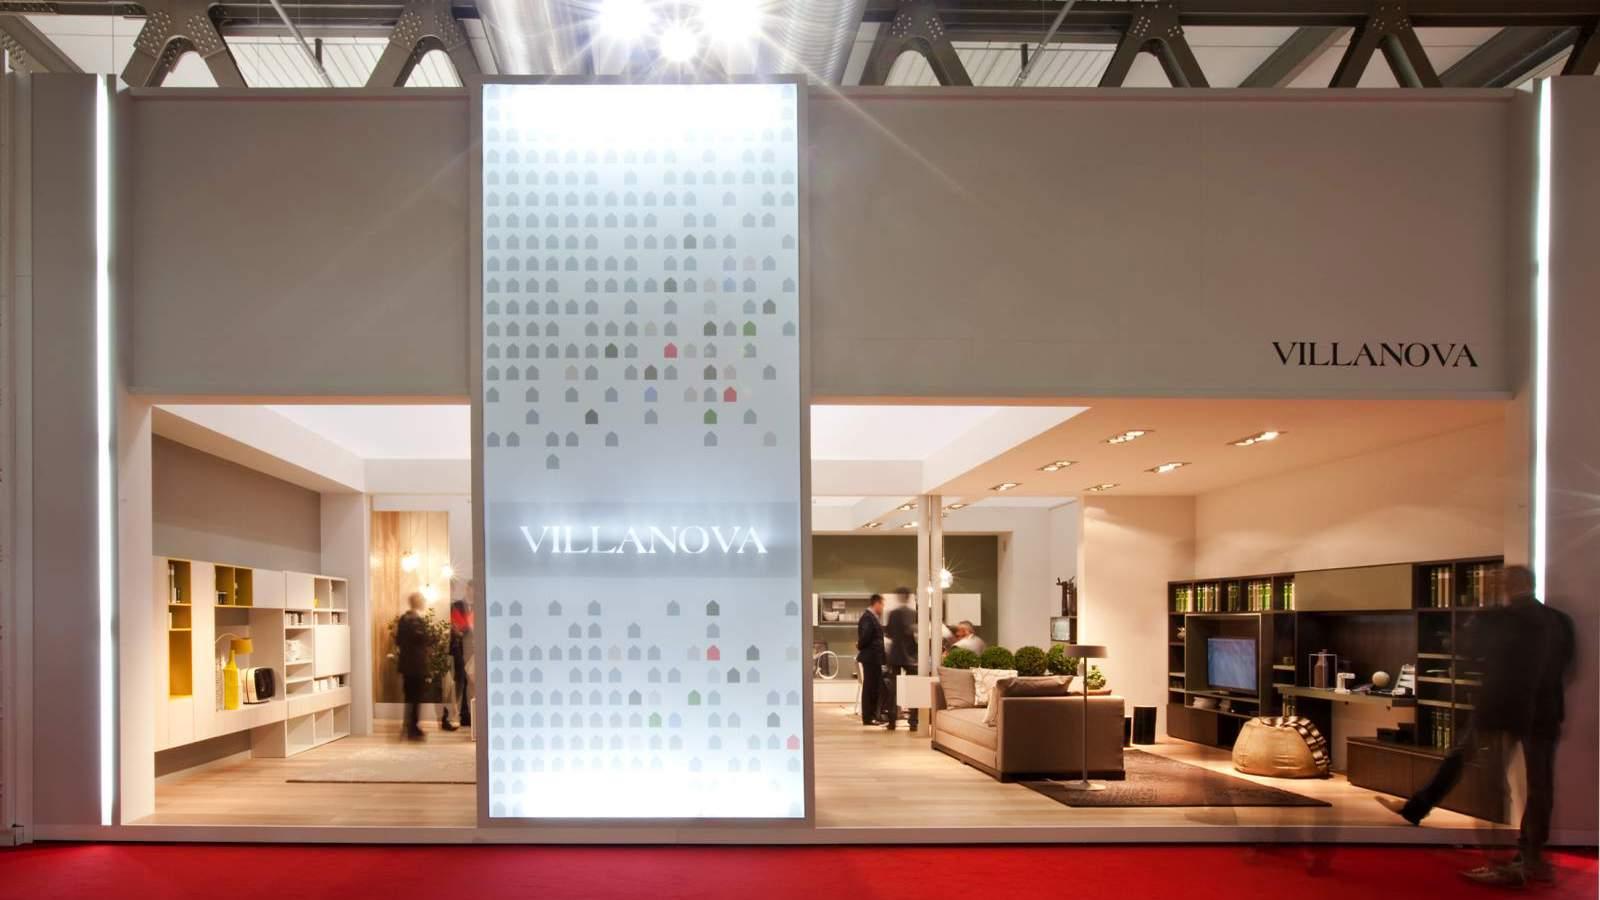 Villanova salone del mobile 2012 milano bottega for Fiera del mobile di milano